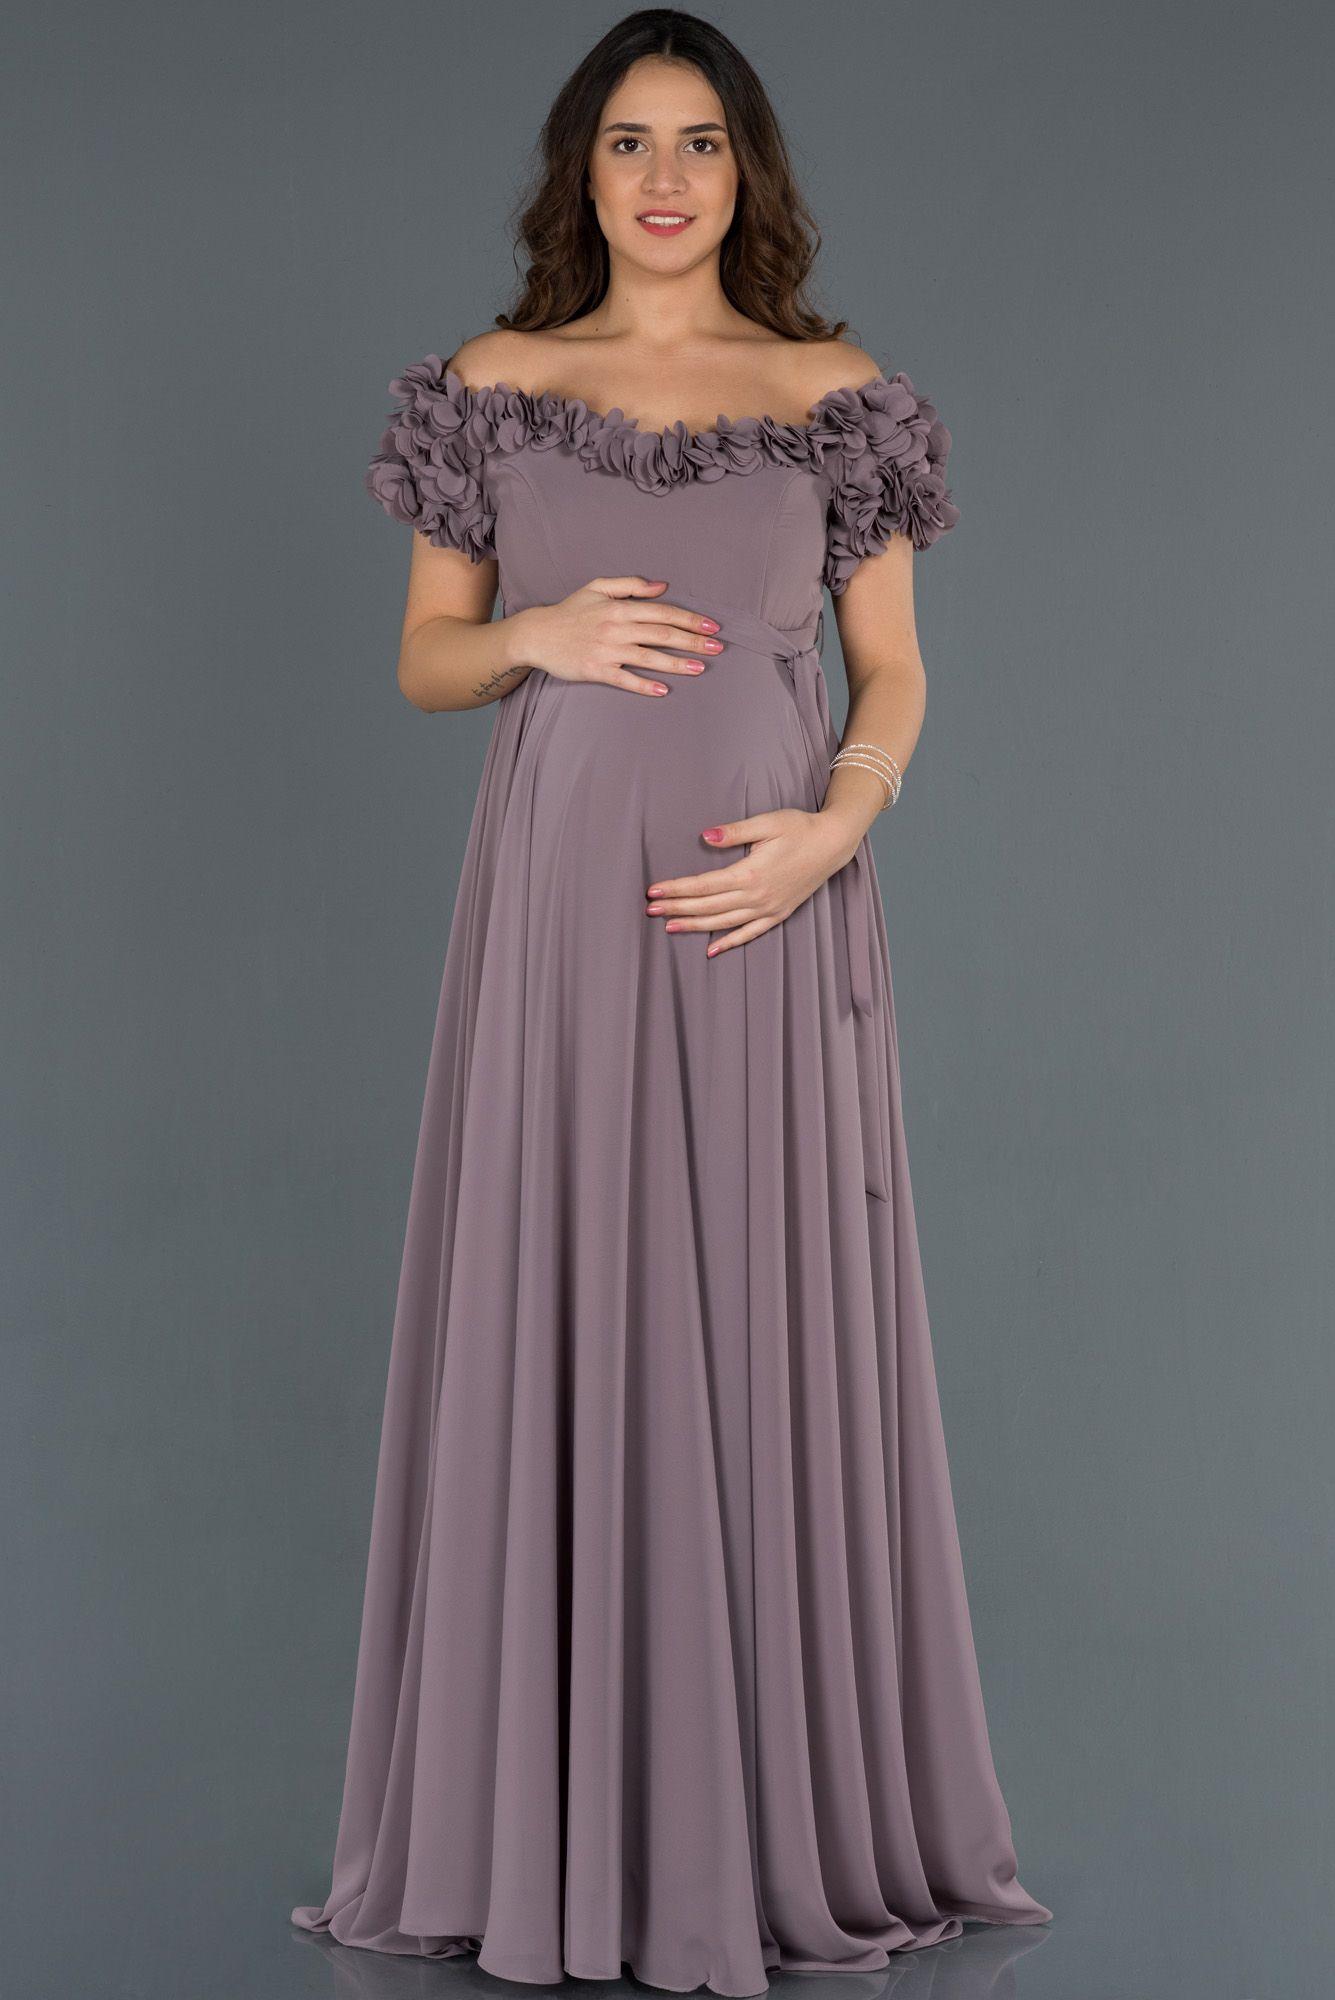 Lavanta Uzun Kayik Yaka Cicekli Hamile Abiye Abu752 2020 Elbise Modelleri Elbise Mini Elbise